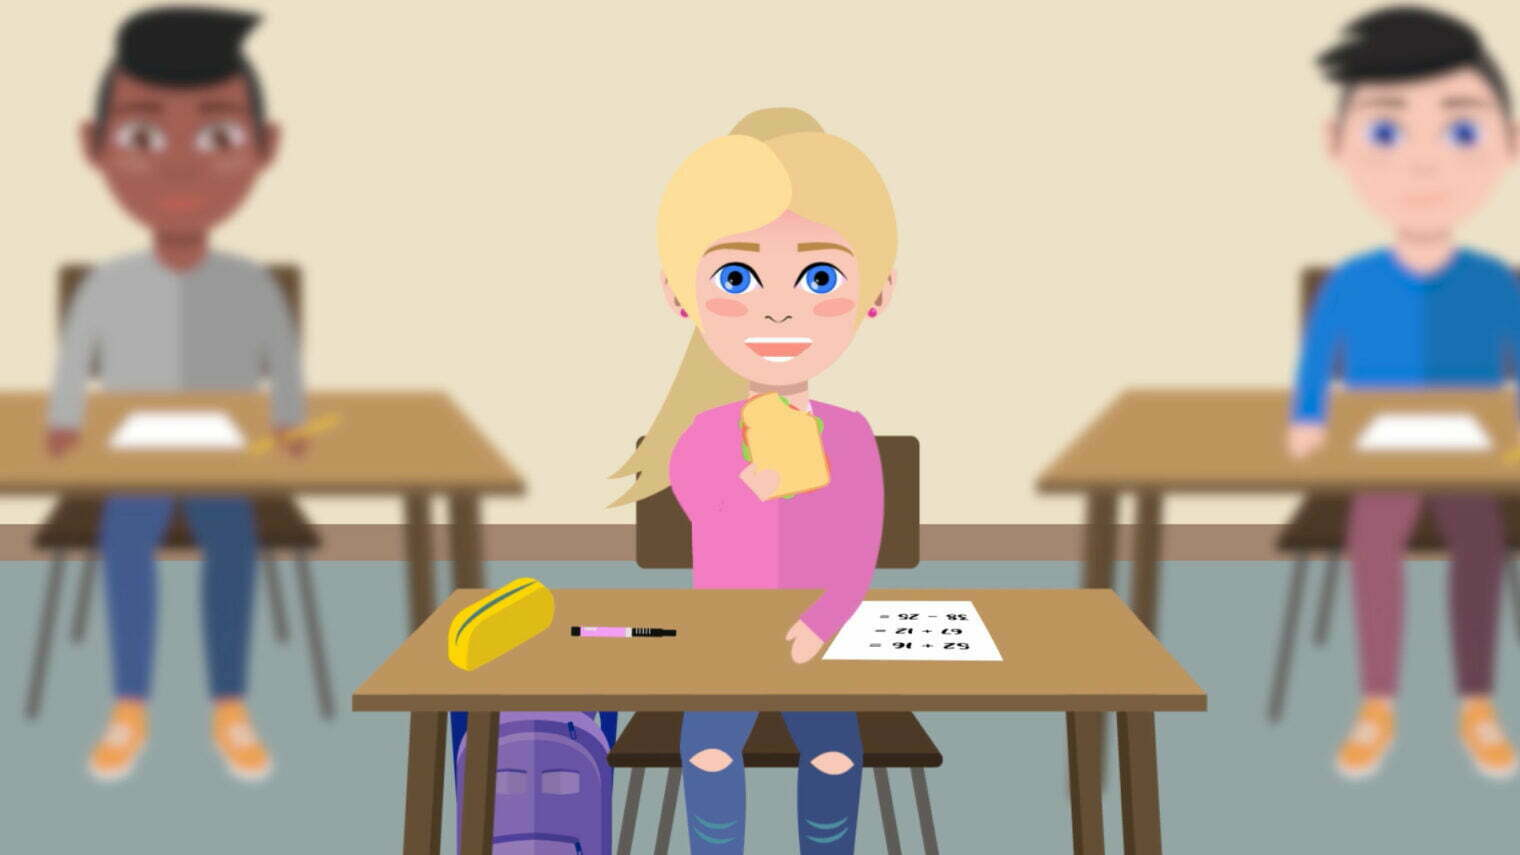 Pixelwish, Design, Diabetes, Diabetestype1, Type1, Lipoatrofie, Lipohypertrofie, Lilly, Eli, Een, Hypo, Op, School, Wat, Nu, Uitleganimatie, Animatie, Video, Uitleg, Een hypo op school wat nu?